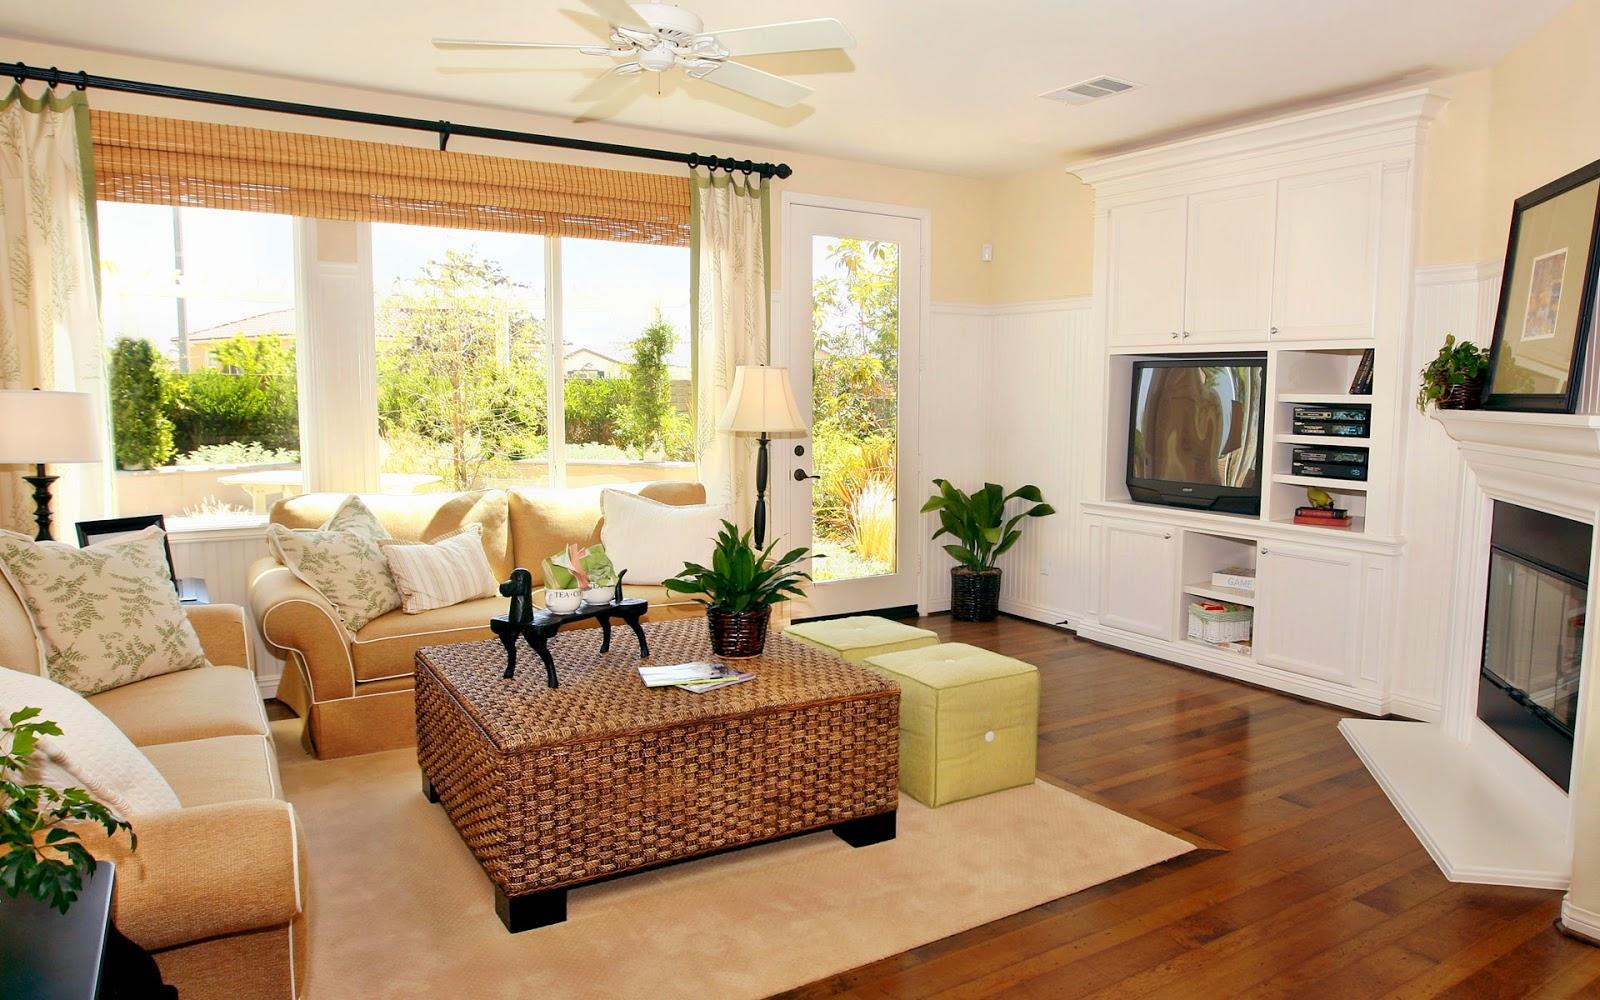 Thiết kế nội thất đòi hỏi đáp ứng nhiều yêu cầu khác nhau